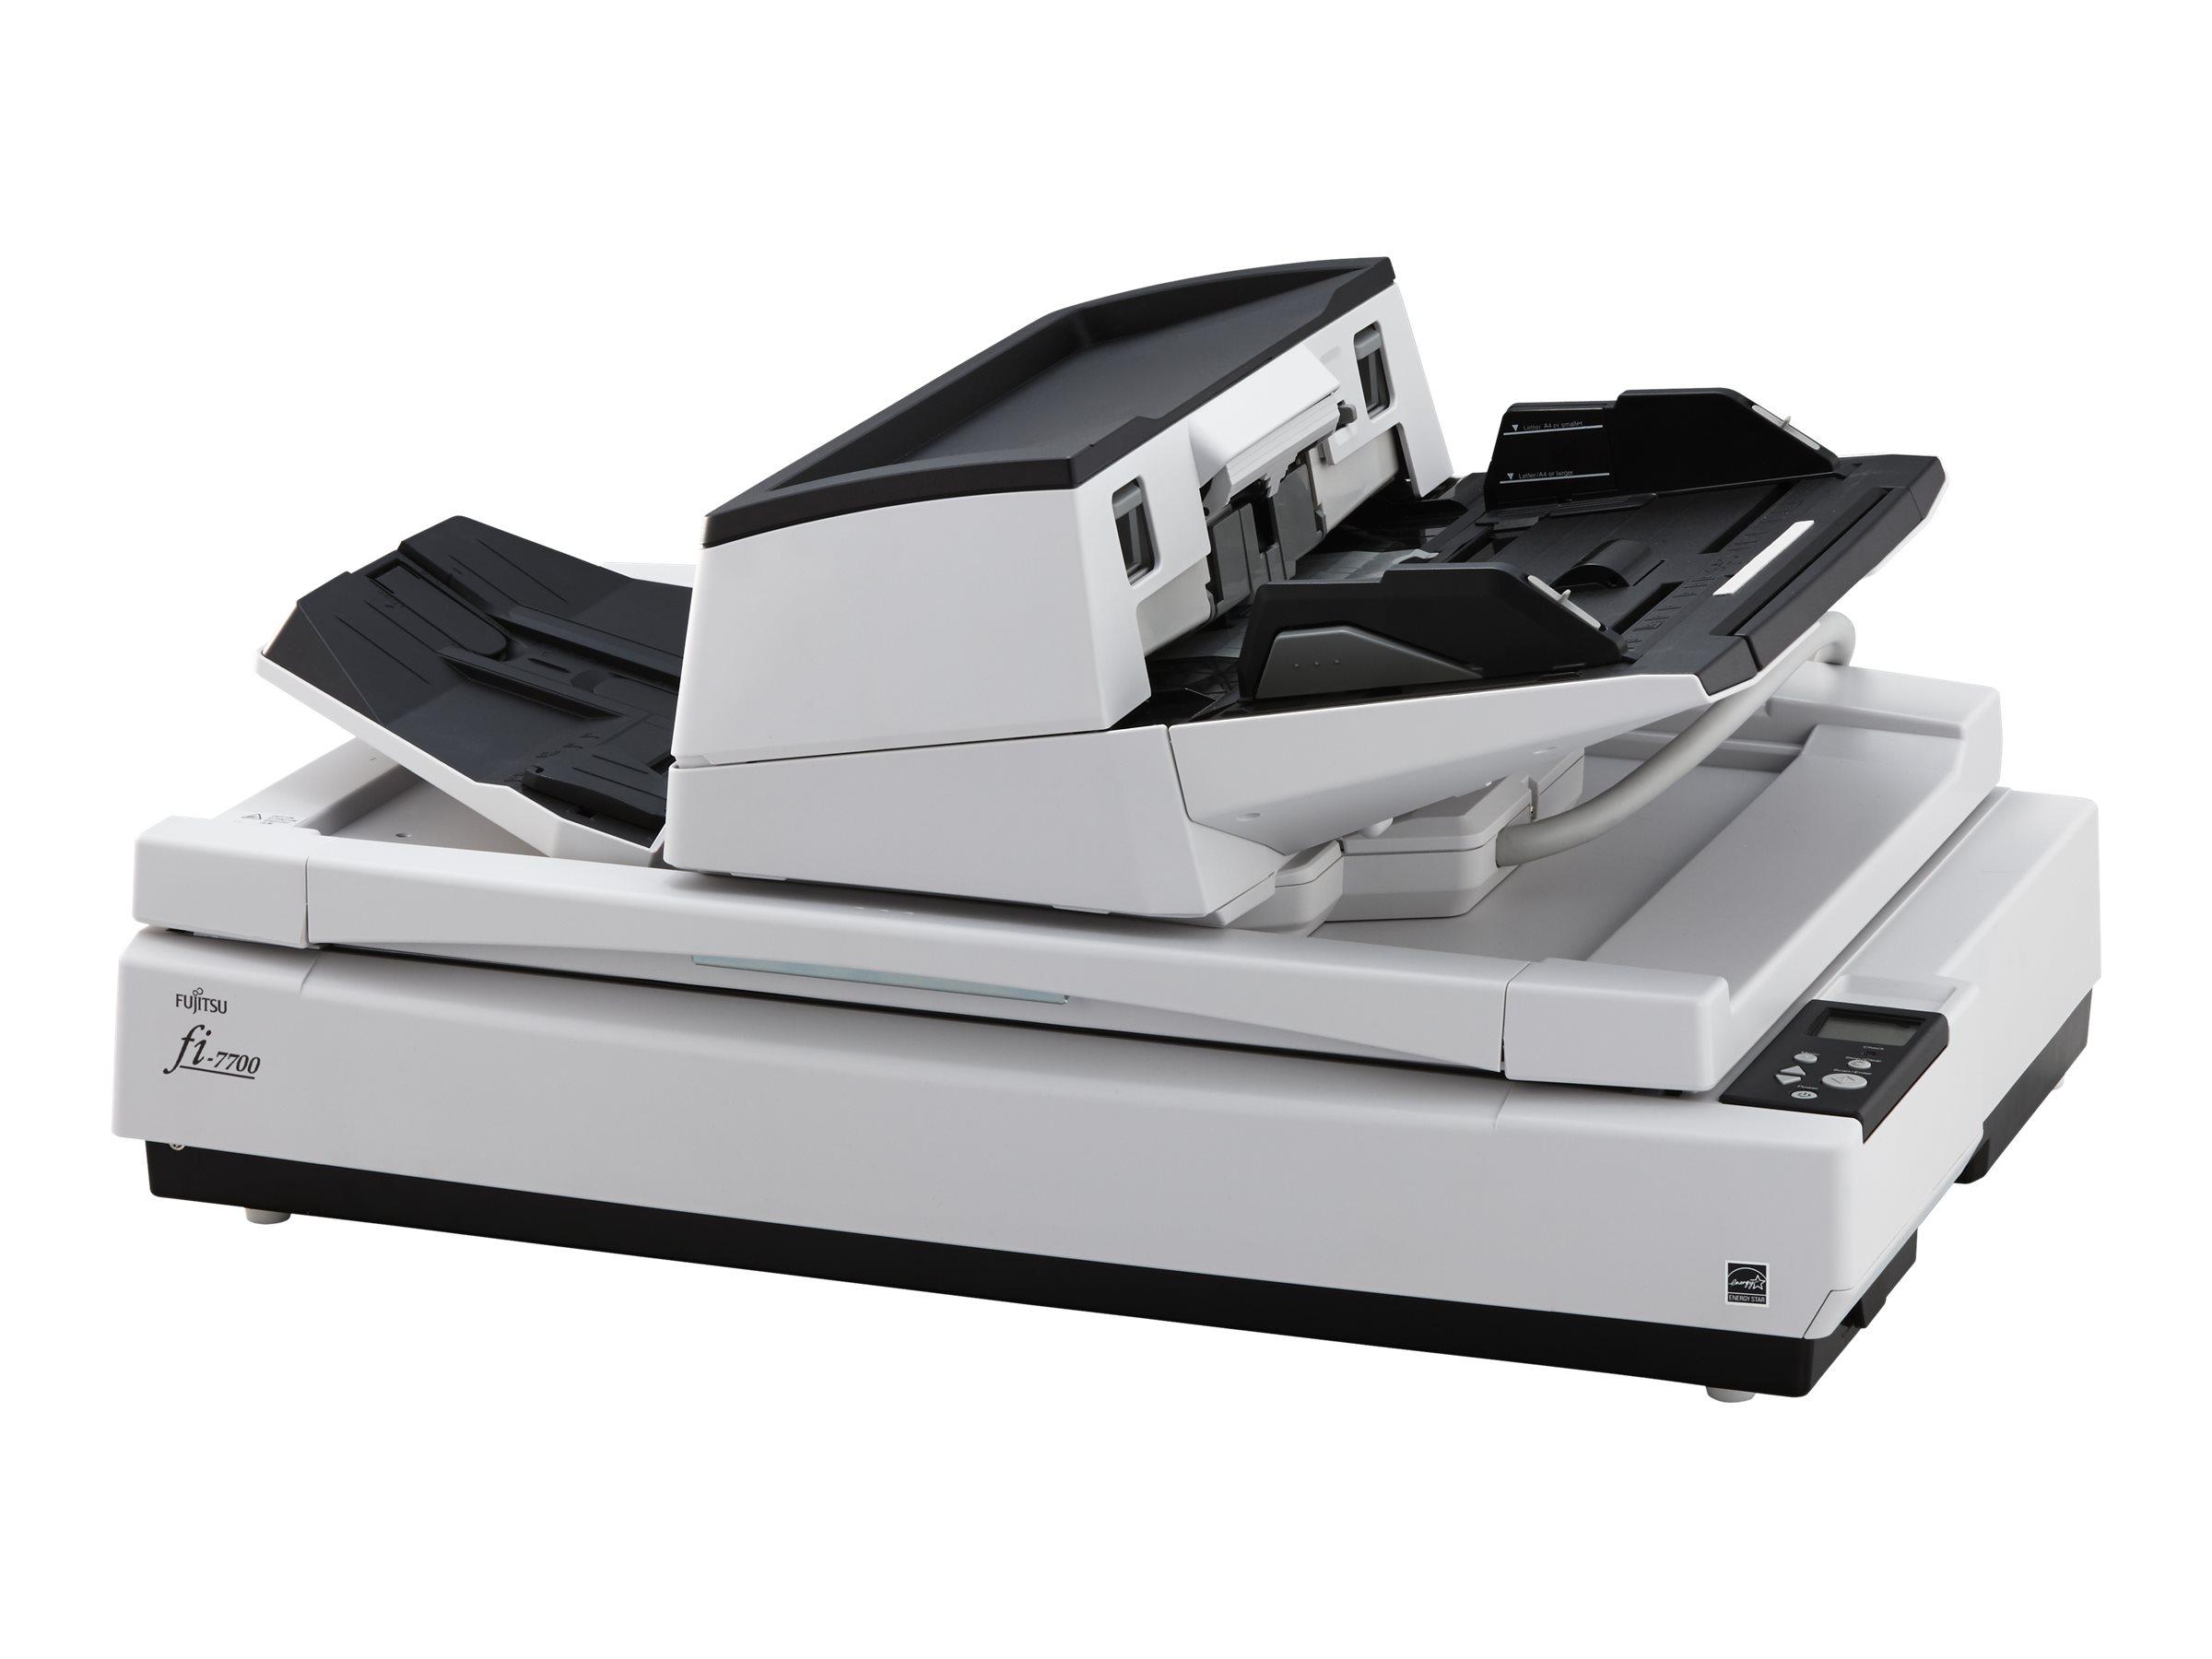 Fujitsu fi-7700 - Dokumentenscanner - Duplex - ARCH B - 600 dpi x 600 dpi - bis zu 100 Seiten/Min. (einfarbig) / bis zu 100 Seit